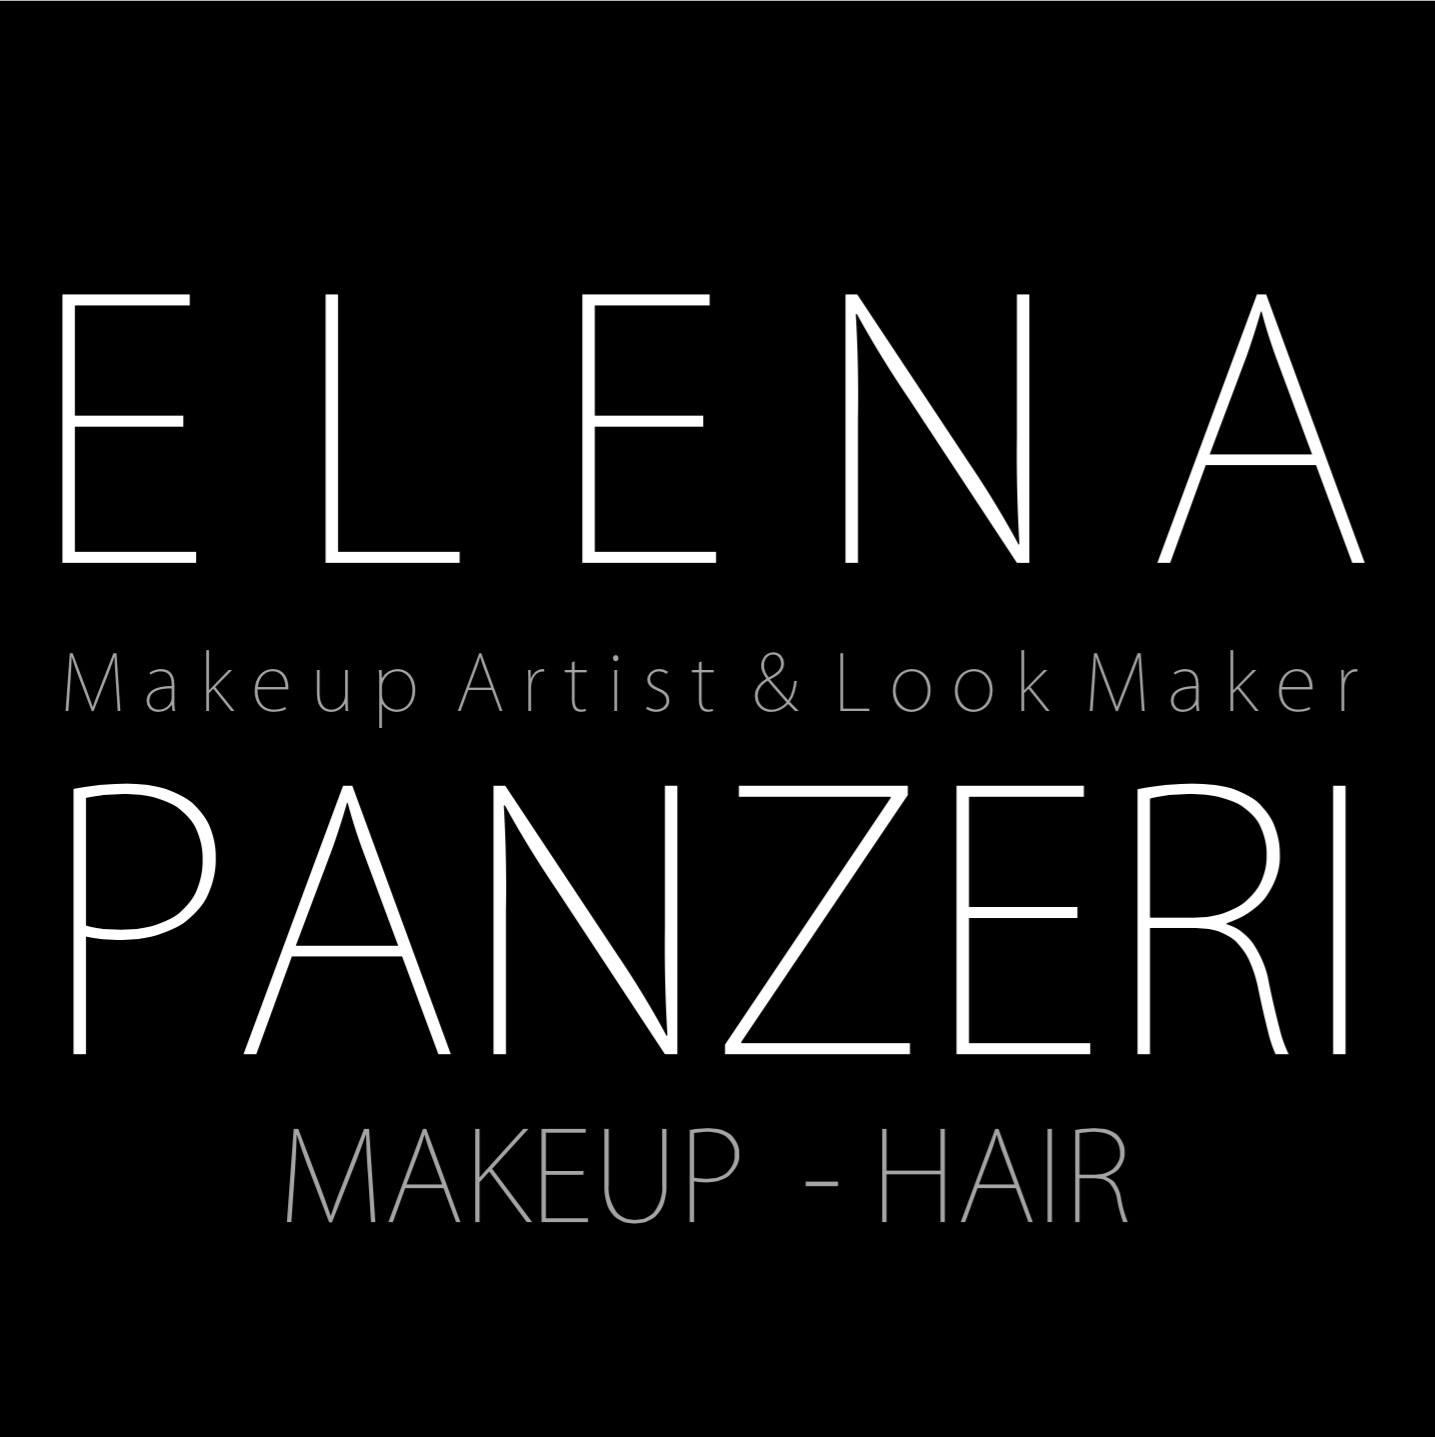 Elena Panzeri Makeup Artist